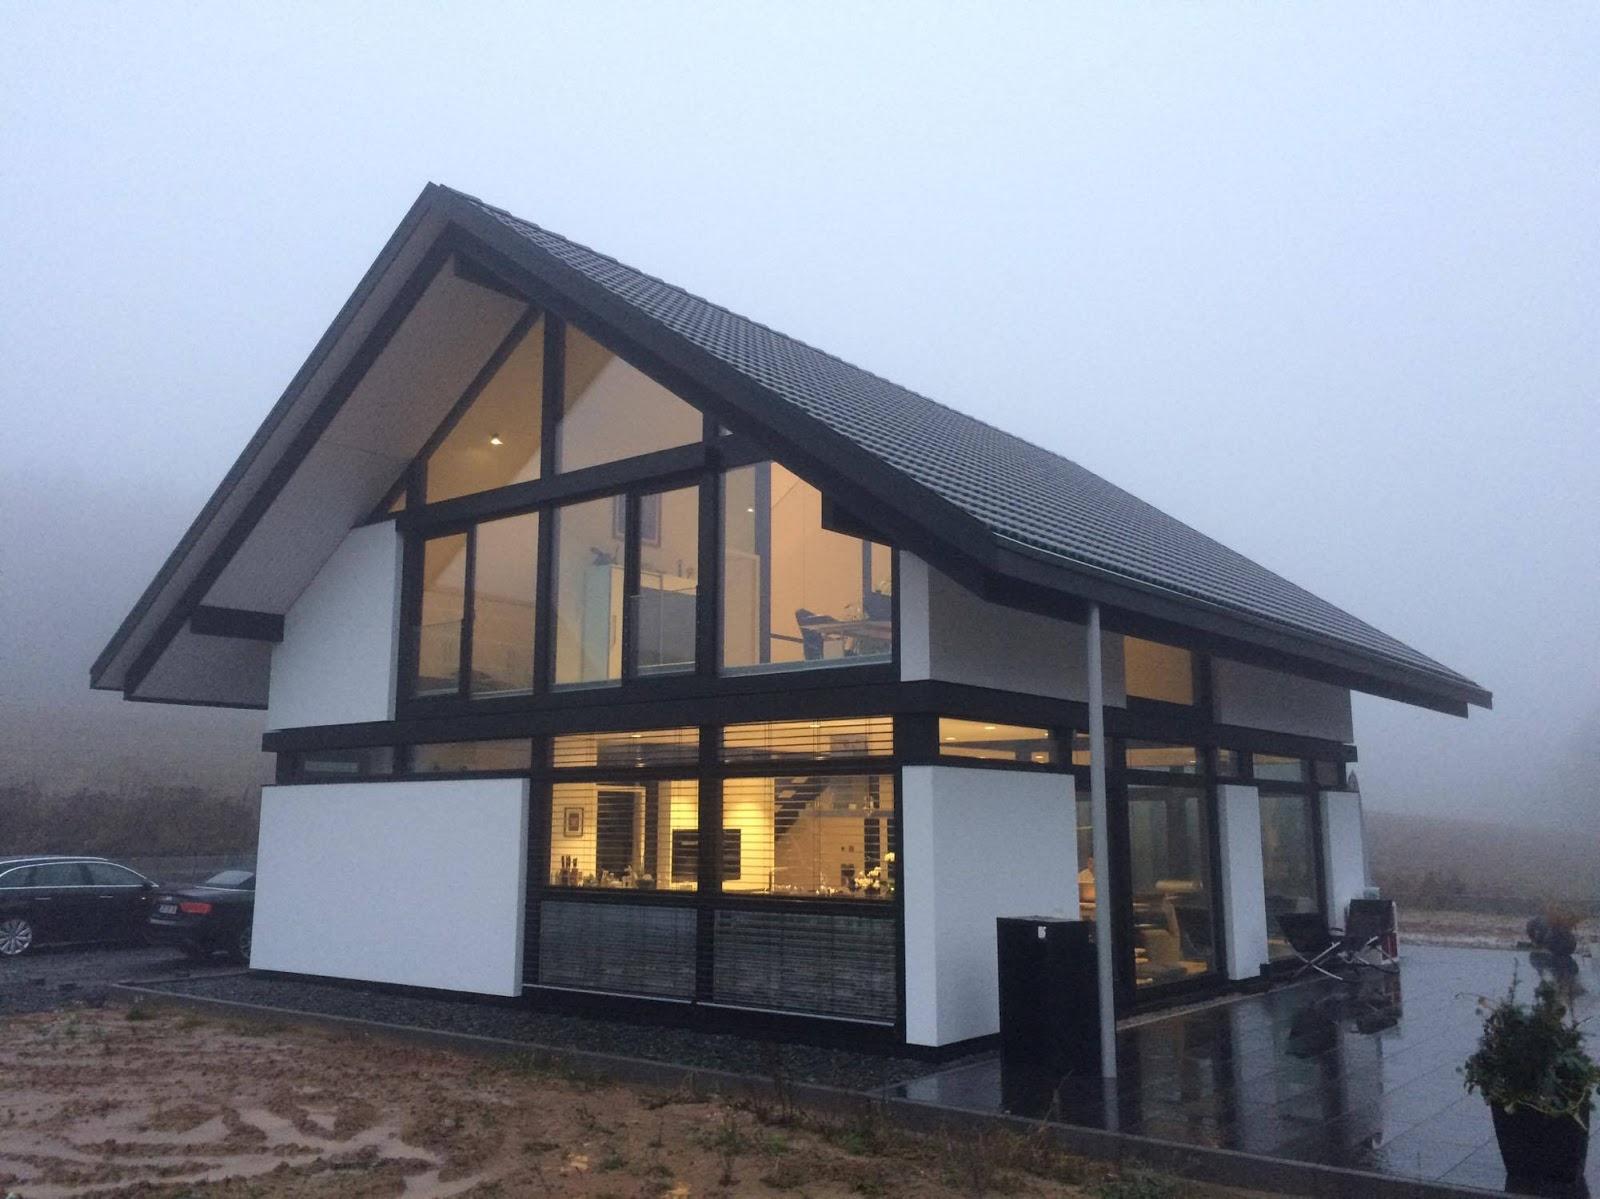 Concentus Haus Preise modernes fachwerkhaus erfurt | modernes fachwerkhaus